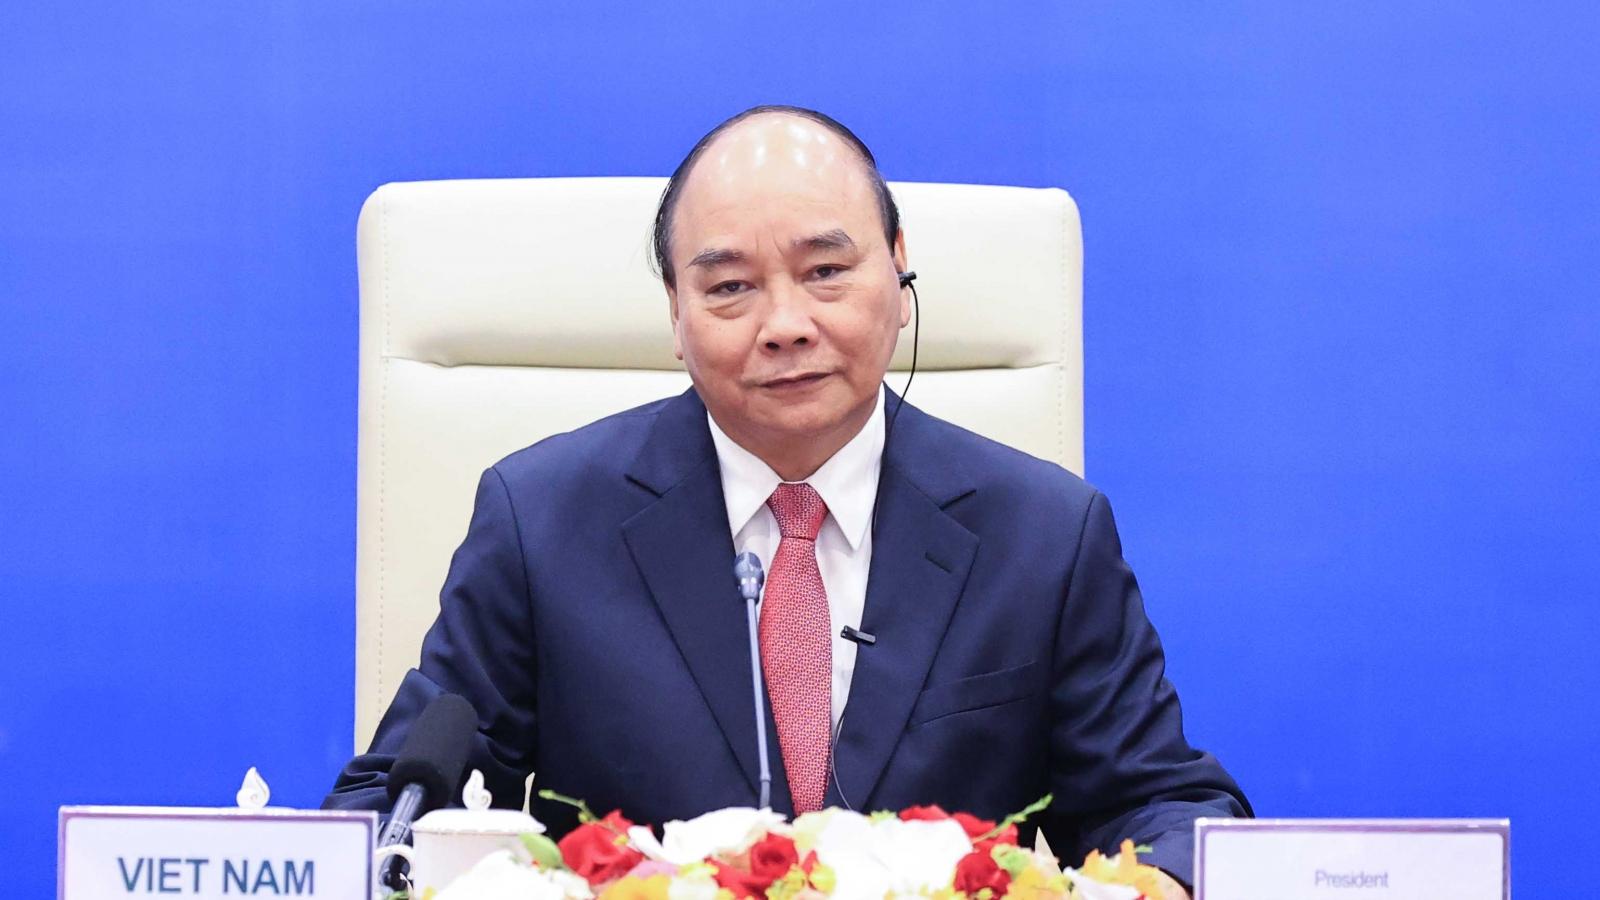 Chủ tịch nước Nguyễn Xuân Phúc nêu 3 đề xuất quan trọng cho hợp tác APEC